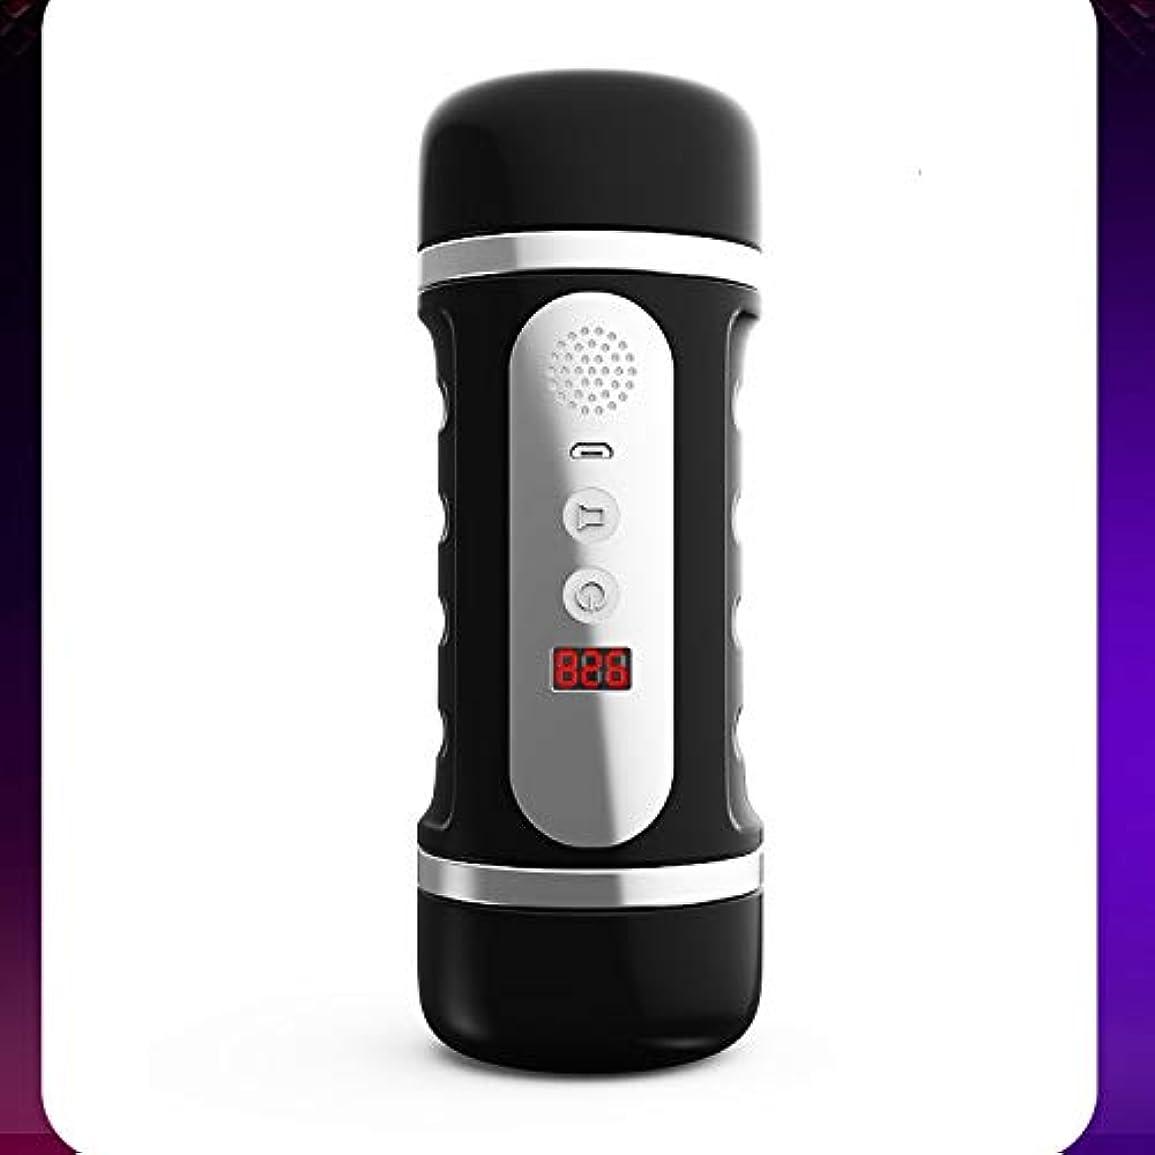 発動機針ギャロップUSBキュートでチャーミングな男性自動ピストンカップスマートは100%防水、強力な吸い男性オナニーデバイスの軽量スラスト